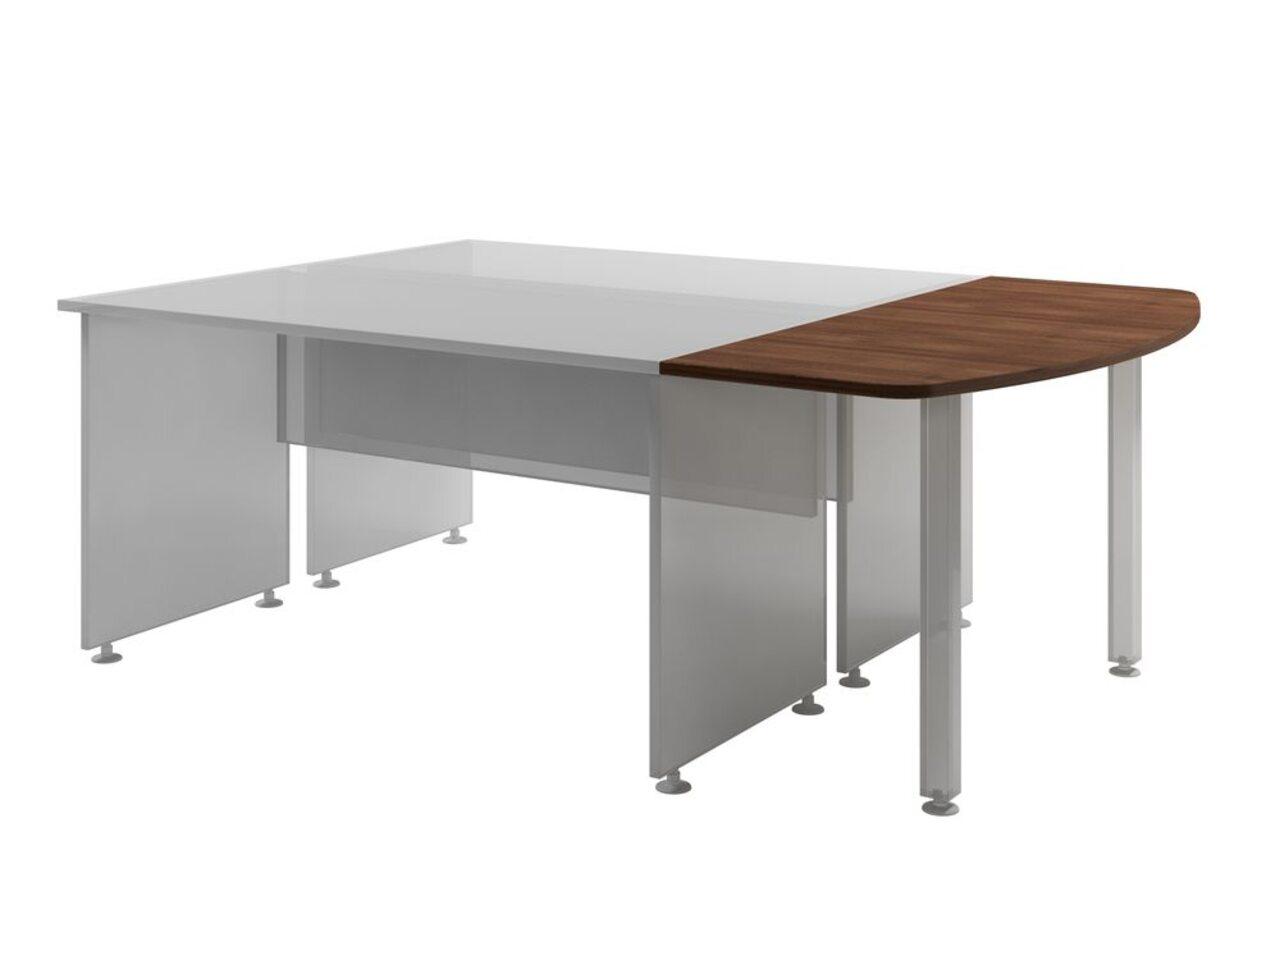 Столешница к двум столам  Space 134x60x3 - фото 1